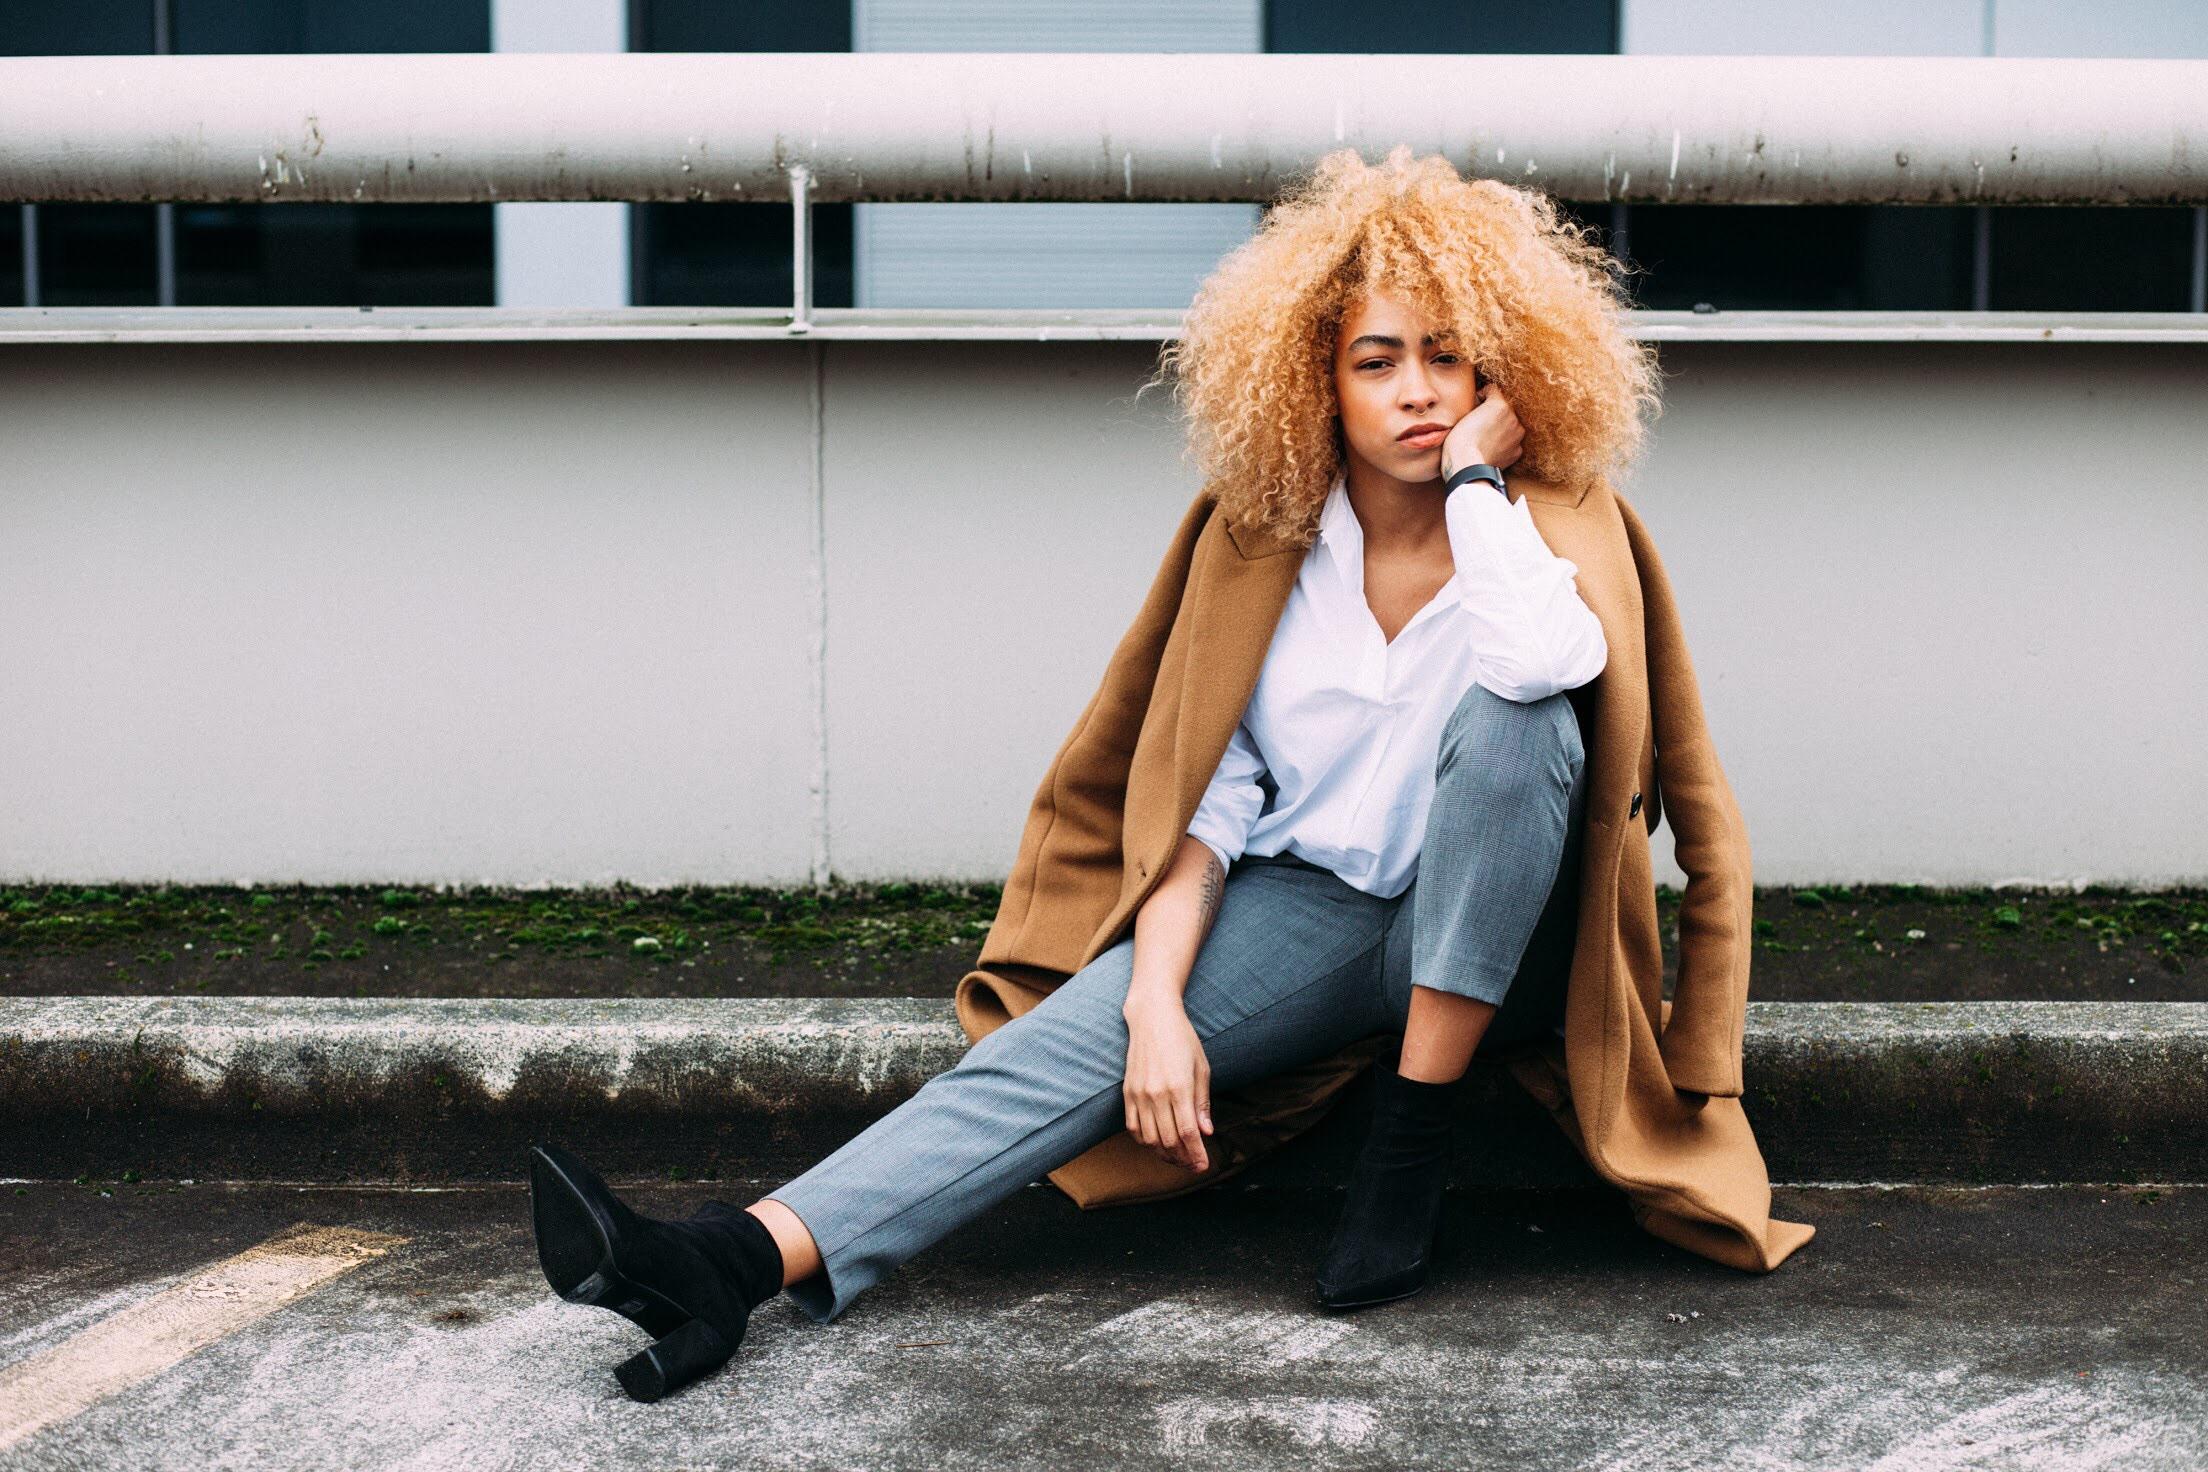 Entschlossen und leicht abweisend schauende Frau sitzt vor einem Gebäude, den Arm aufs Knie gestützt.